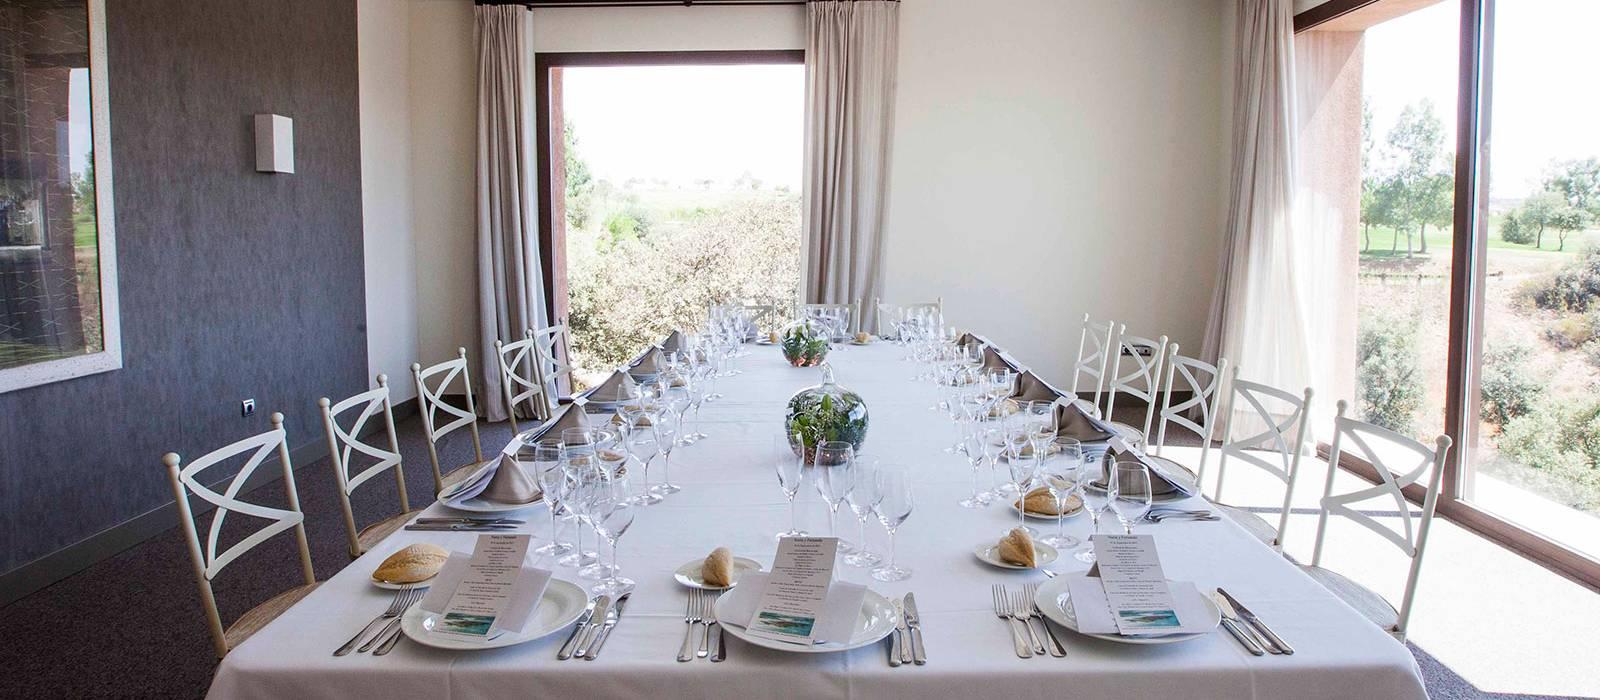 Réunions et événements - Hotel Valdecañas Golf - Vincci Hoteles